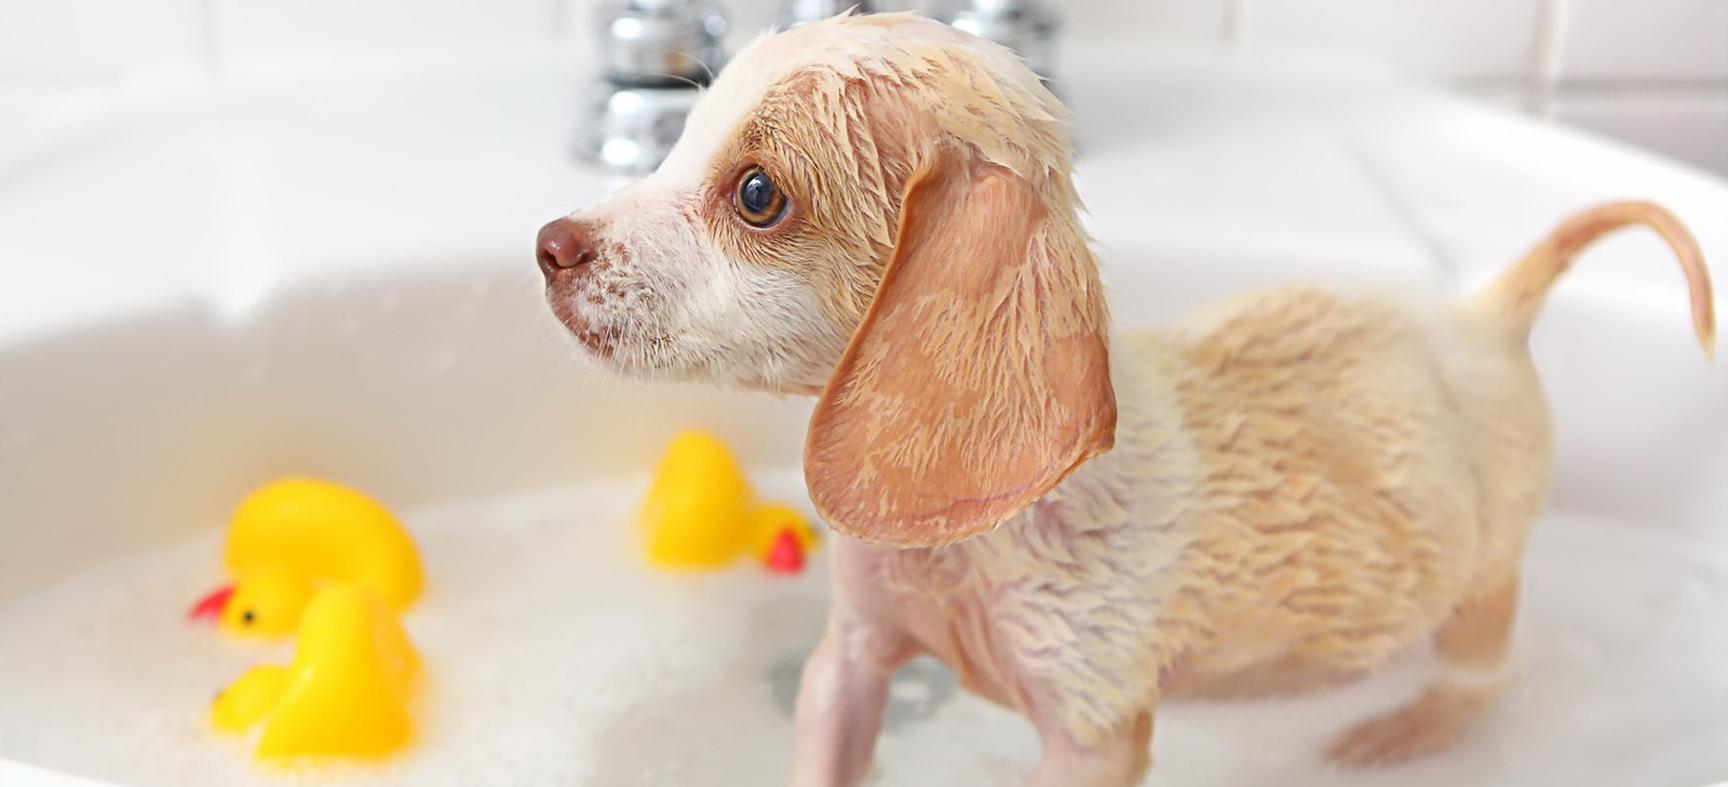 Антибактериальный шампуни не только лечат кожу, но и снимают зуд